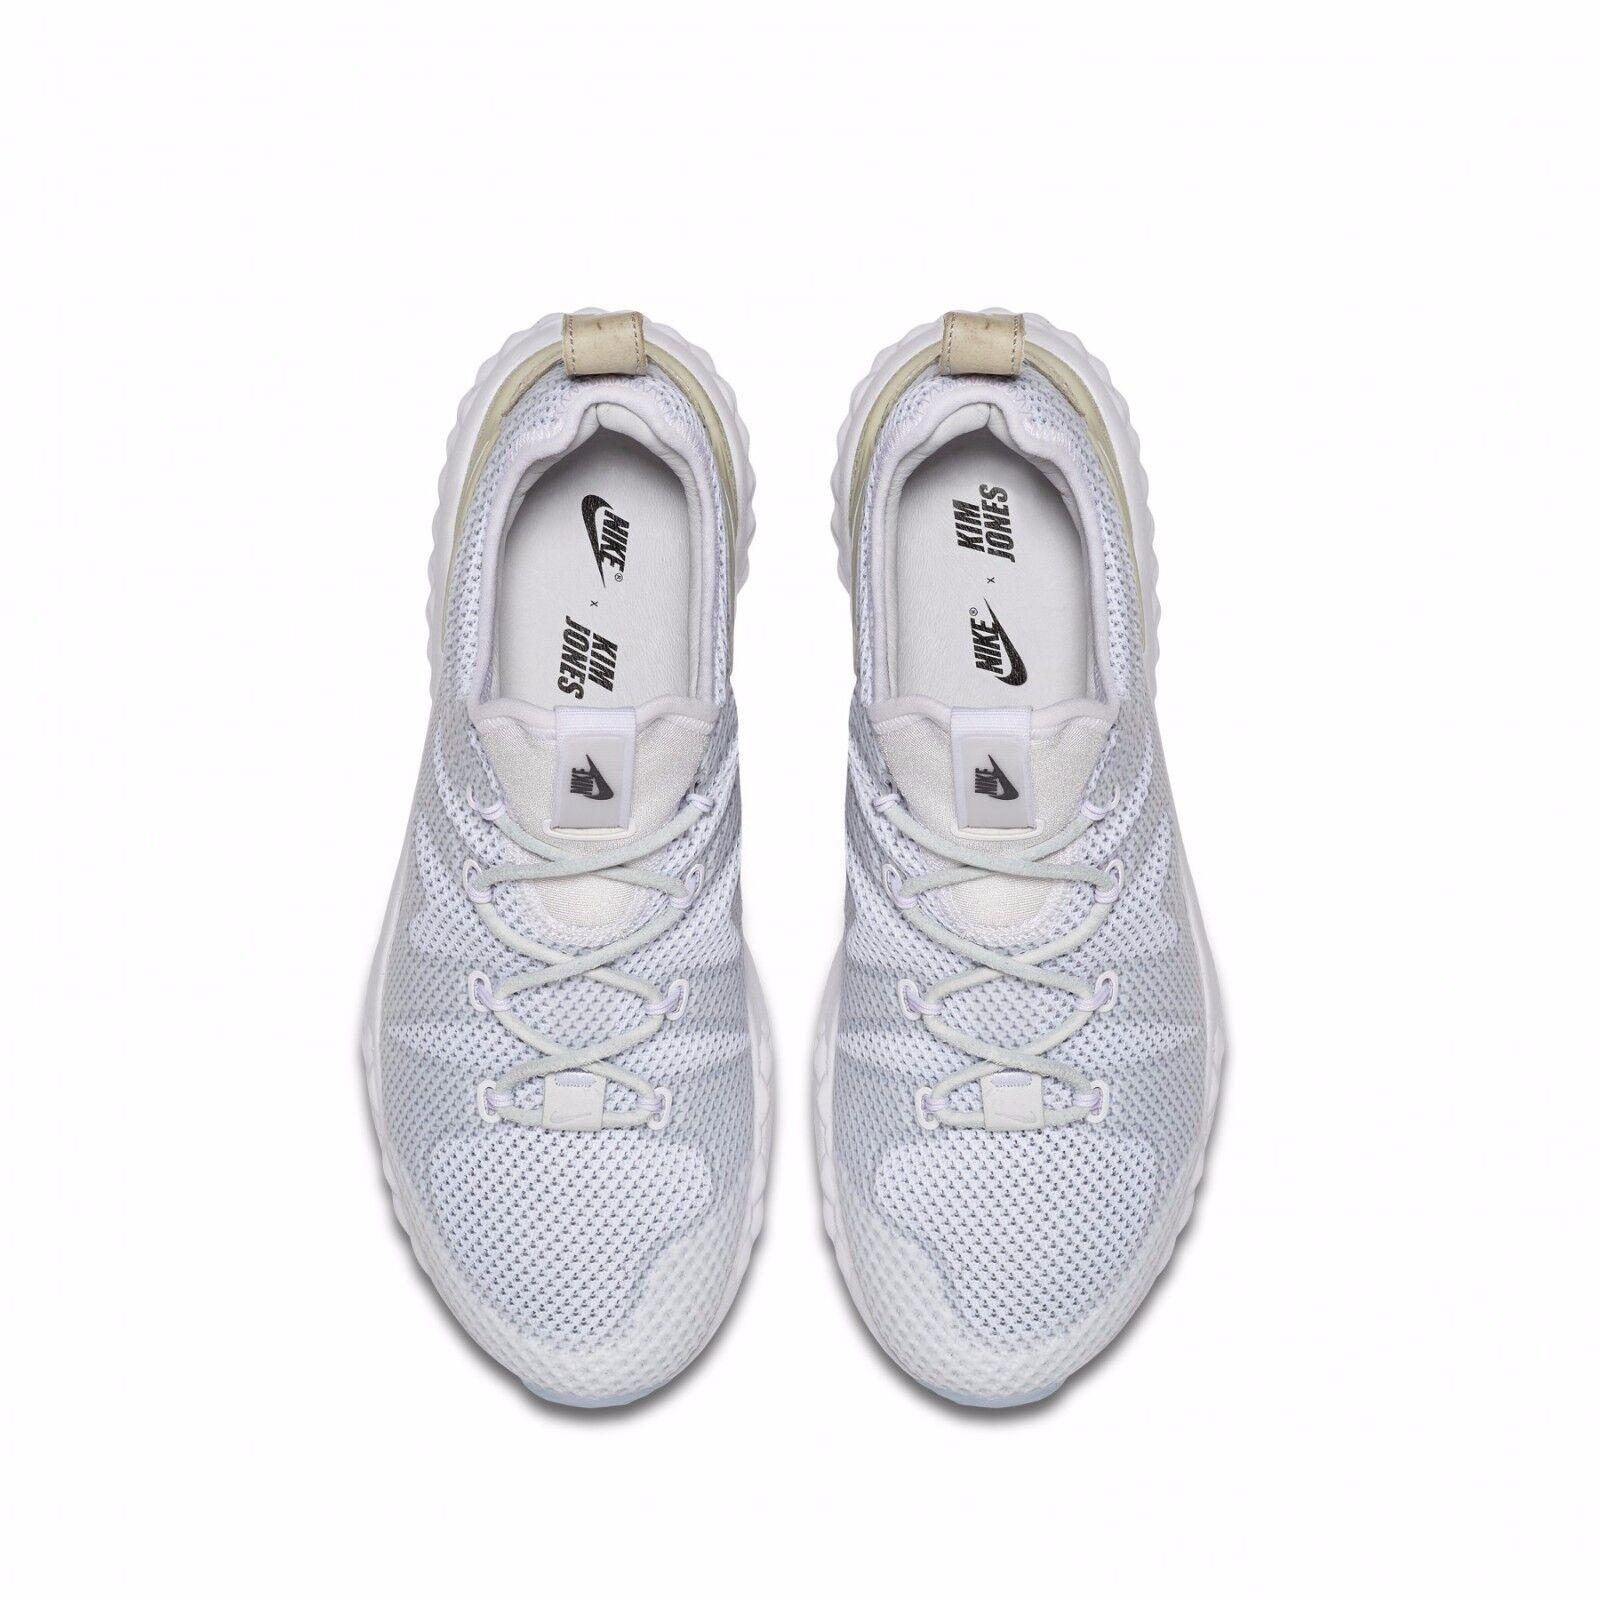 Nike wmns aria zoom lwp 16 jcrd x dimensioni kim jones 878224-111 dimensioni x 3 uk 0b903e